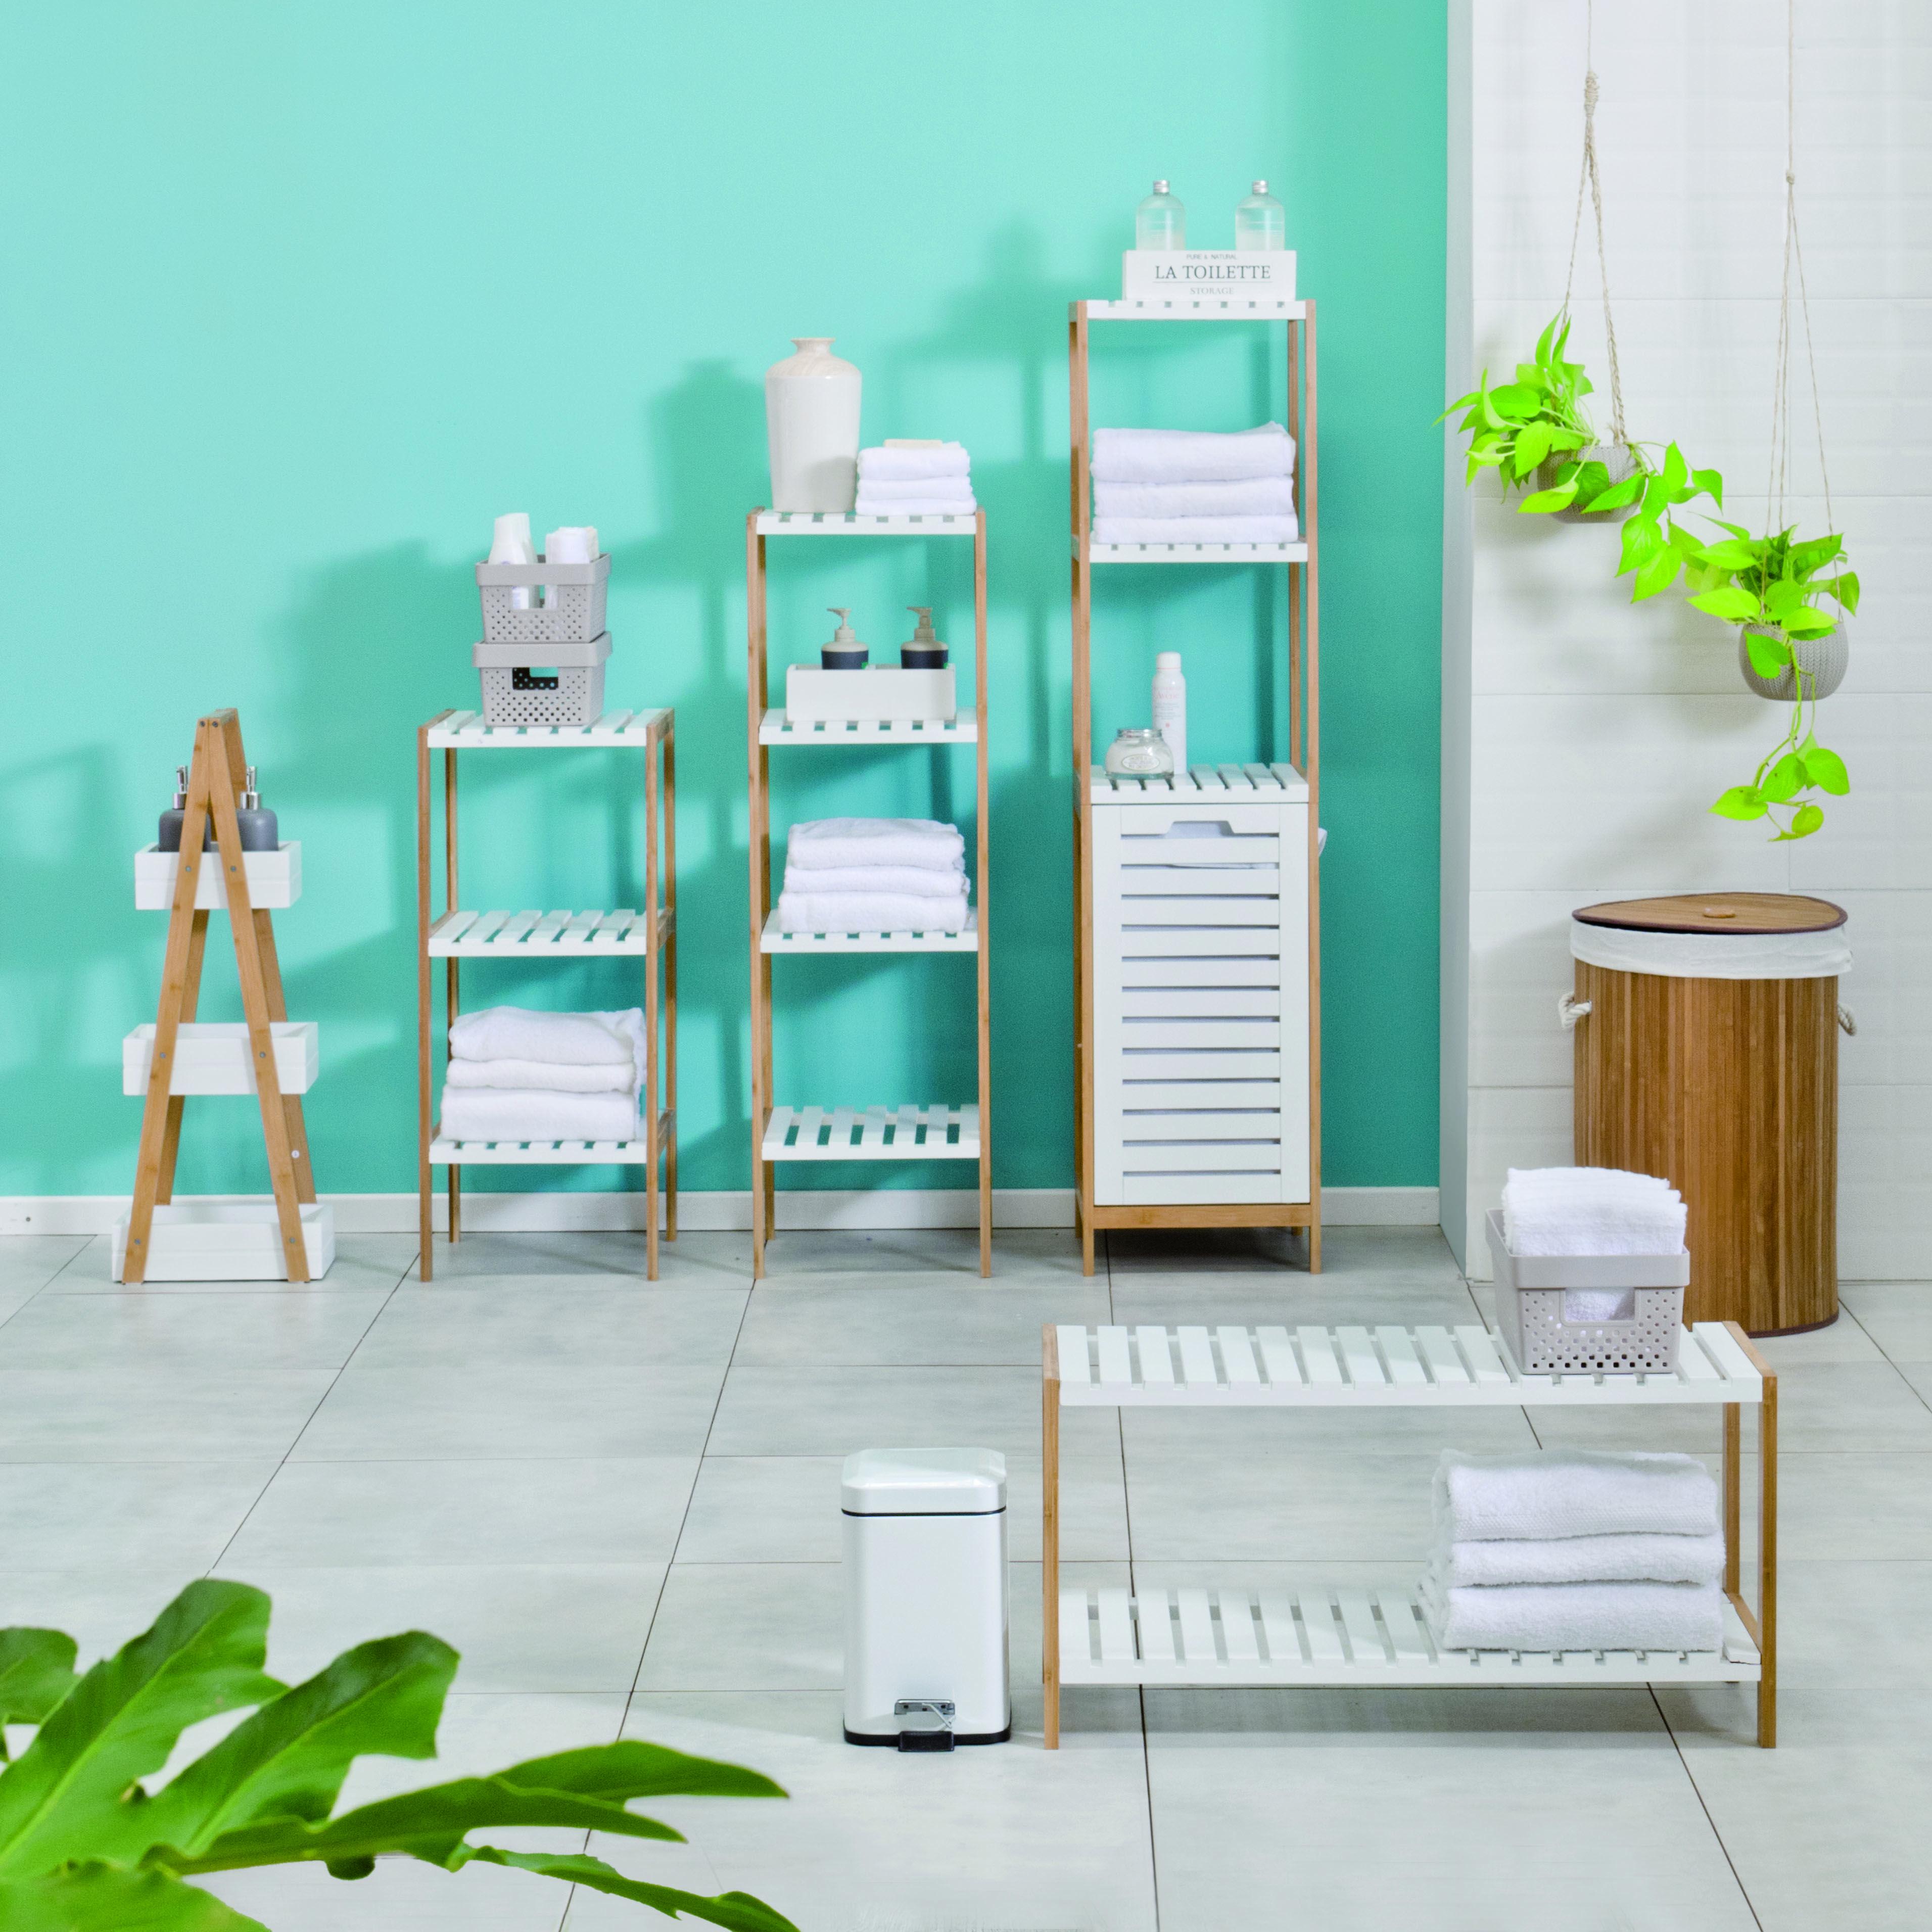 612606ace870 Muebles Organizadores Bamboo #repisa #bamboo #organizador ...